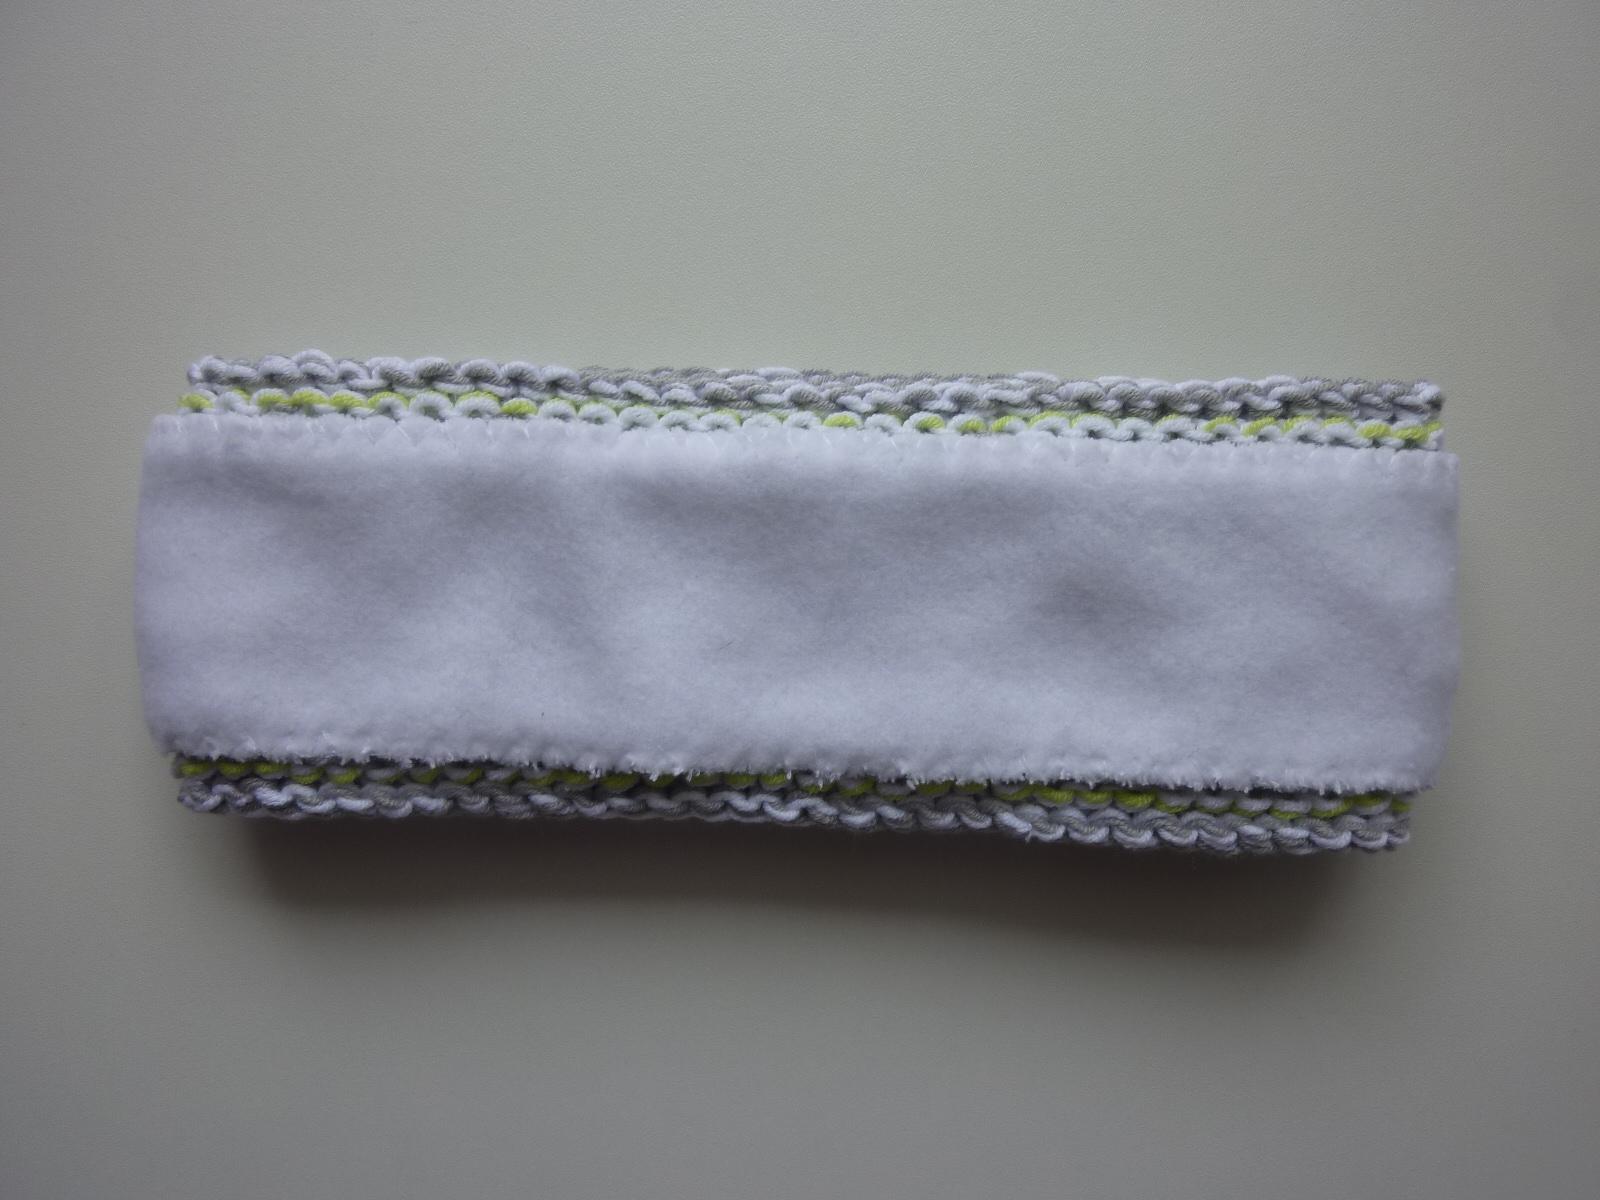 Kleinesbild - gefüttertes Stirnband in hellgrau, weiß und hellgrün aus Baumwolle handgestrickt